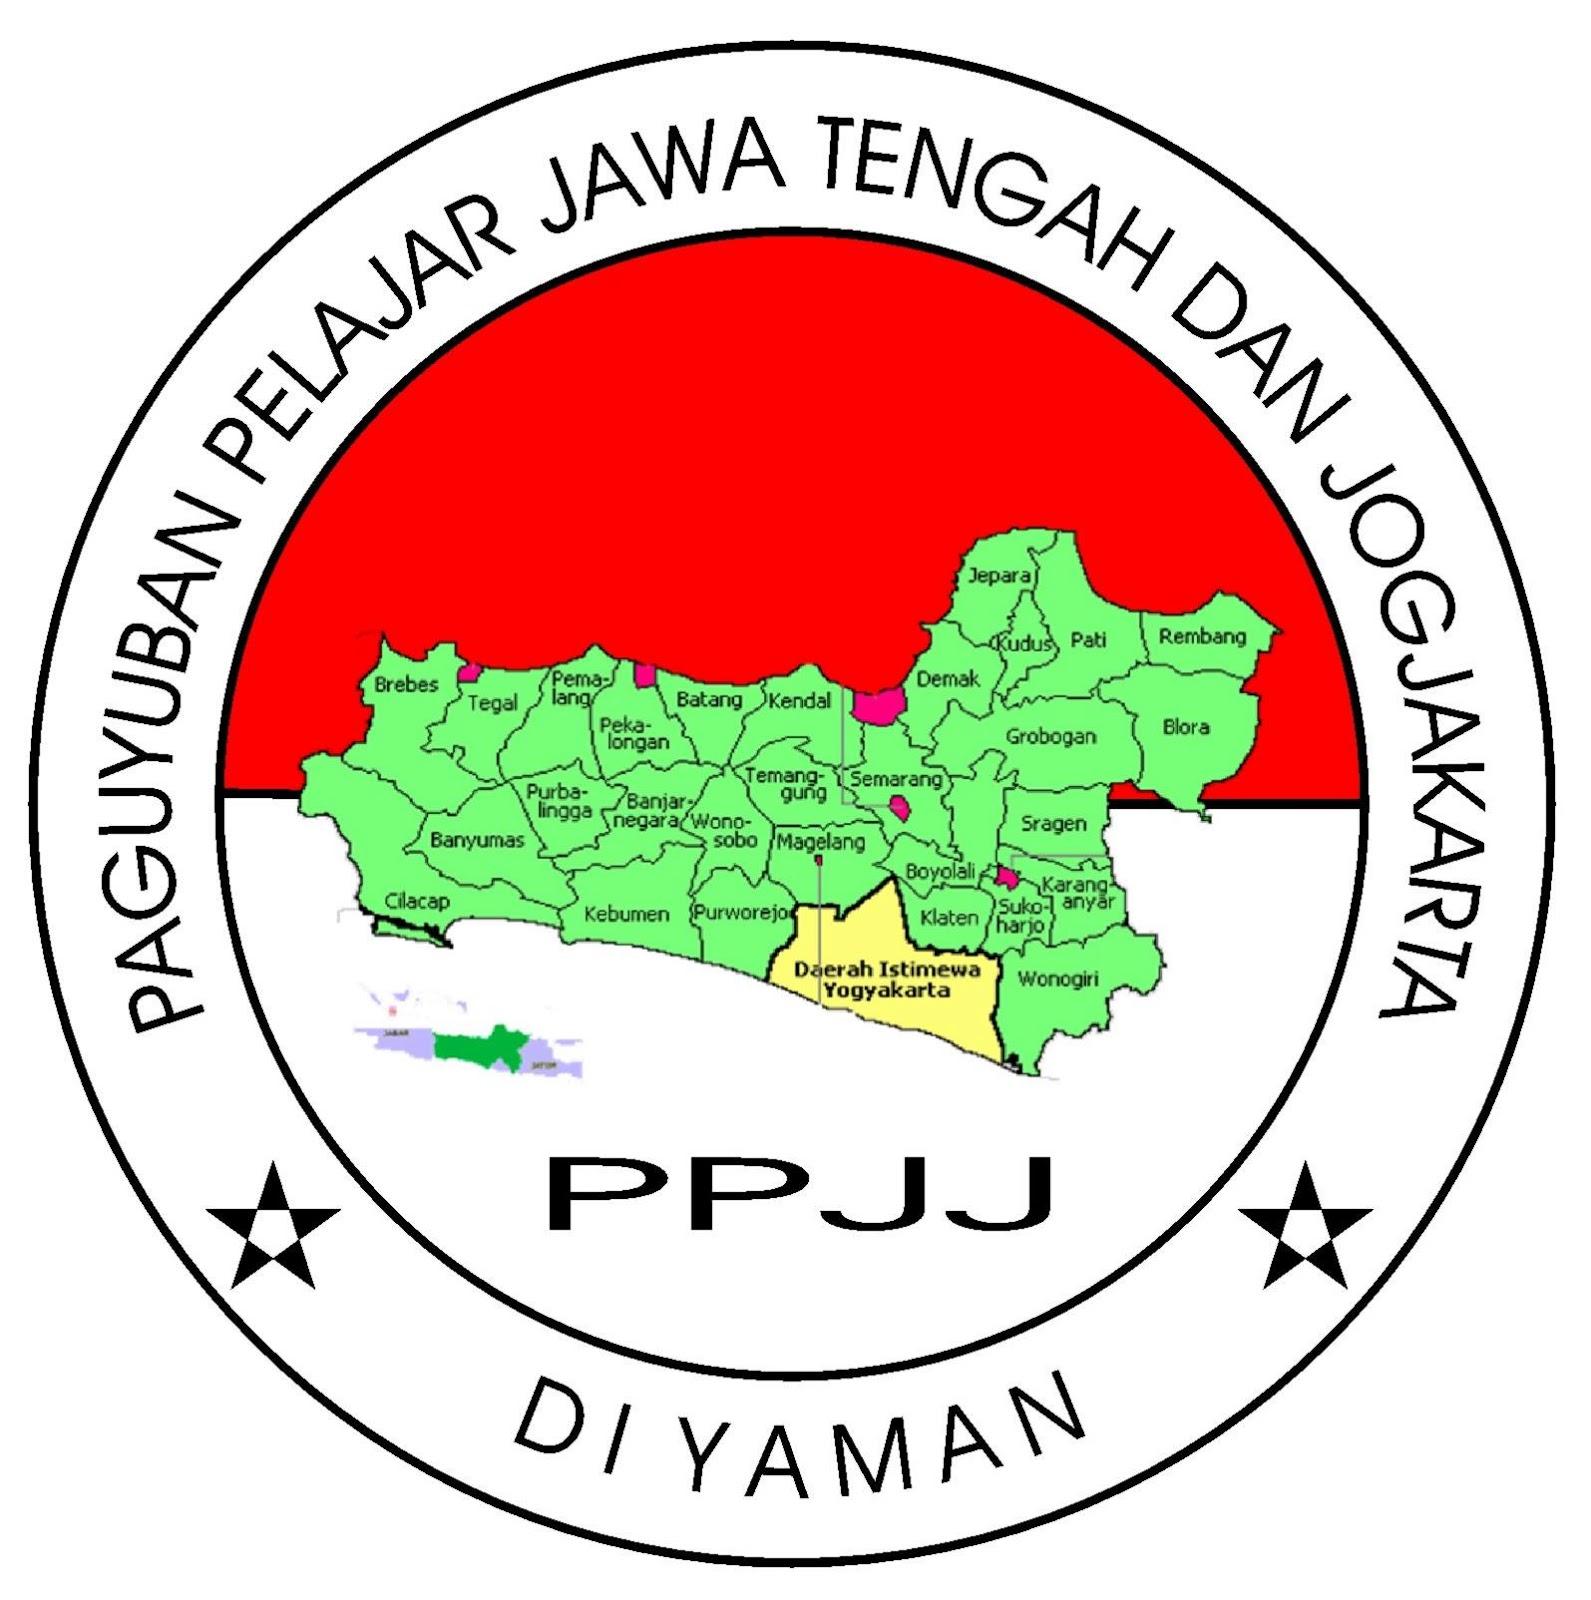 PPJJ Yaman (Paguyuban Pelajar Jawa Tengah dan Jogjakarta di Yaman)